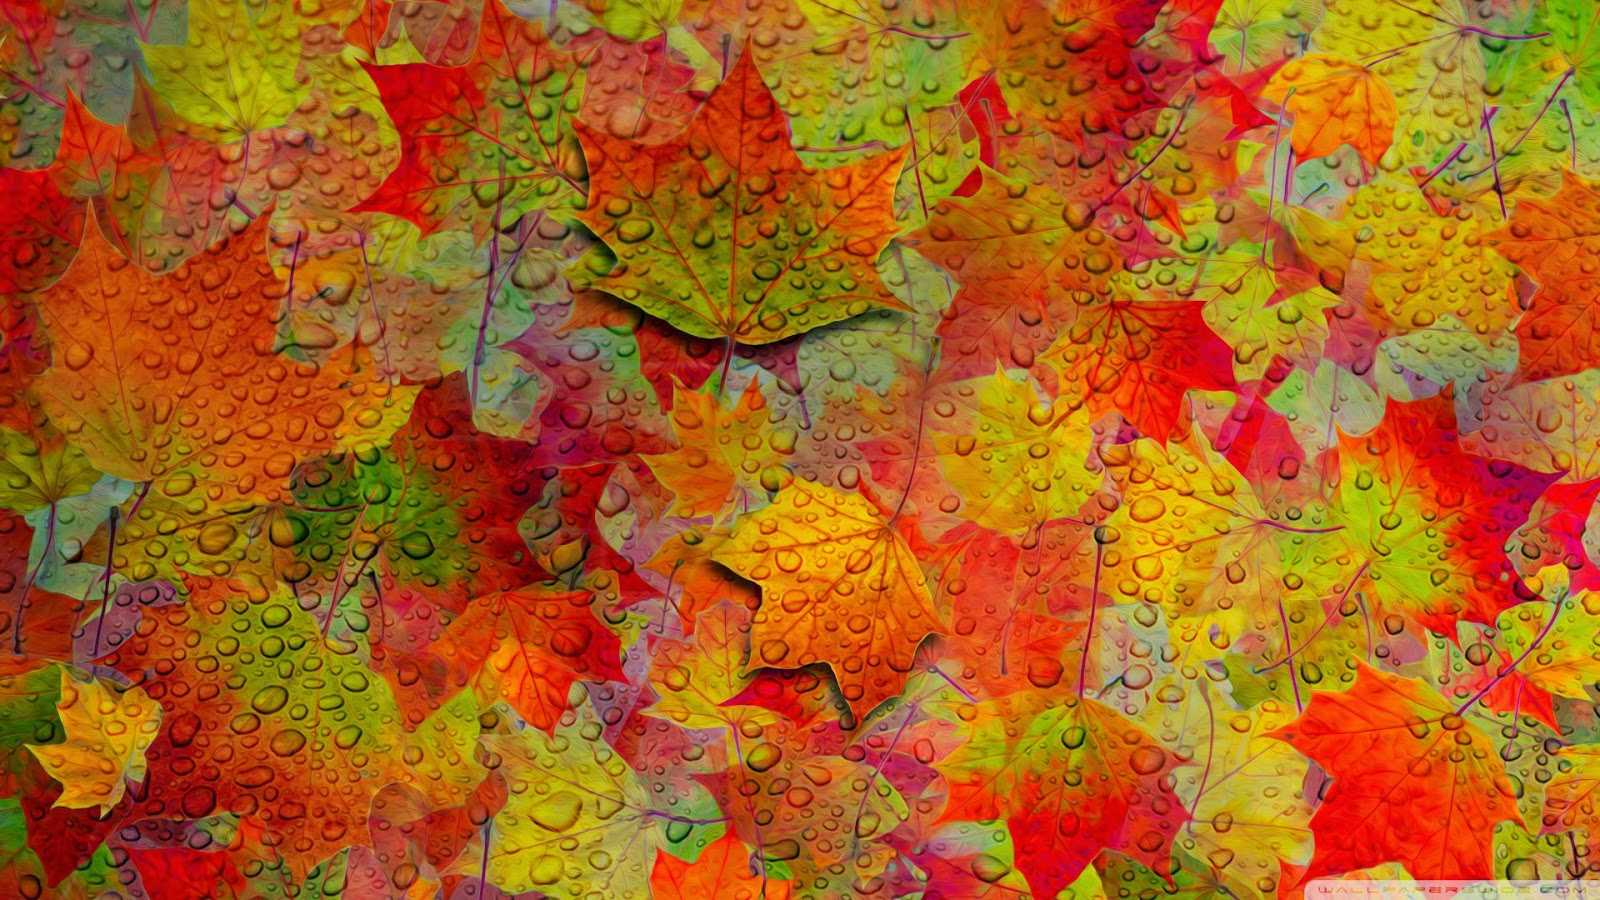 fall_8-wallpaper-1920x1080